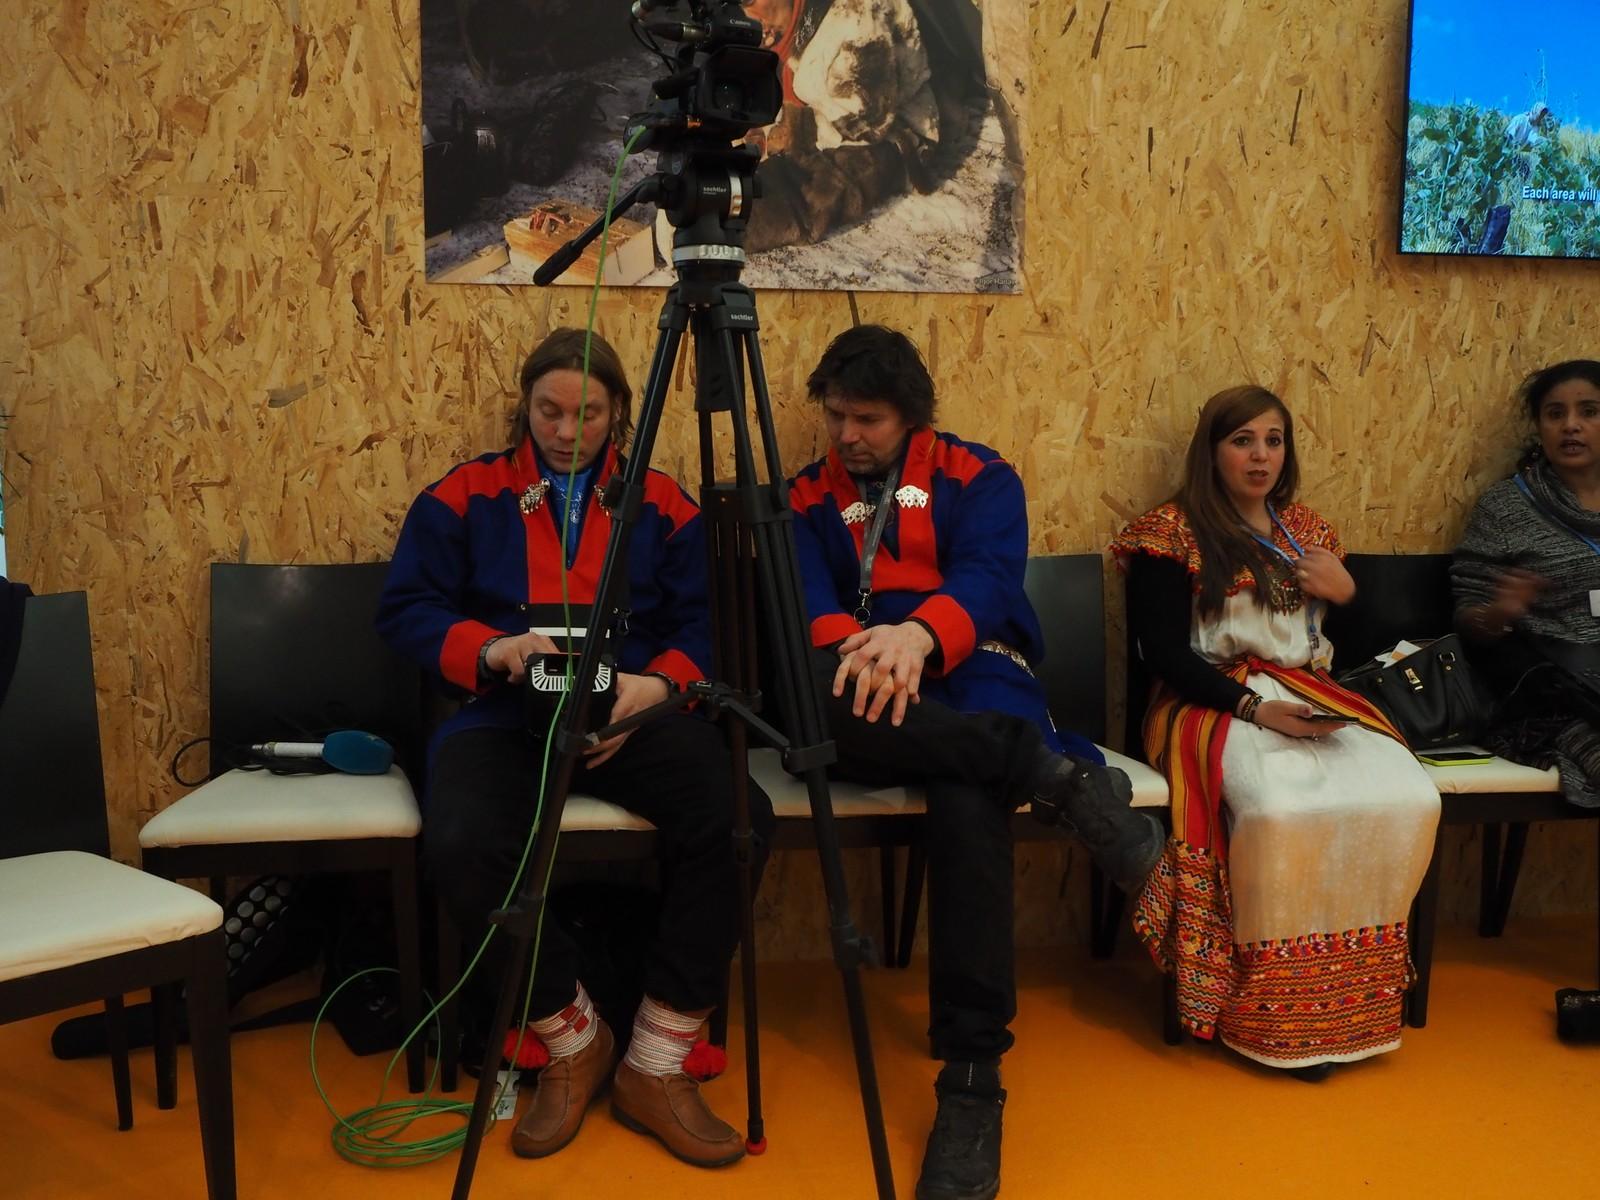 NRK Sápmis fotografer Mattis Wilhelmsen og Torgeir Varsi gjør seg klare til åpningen av urfolkspaviljongen.